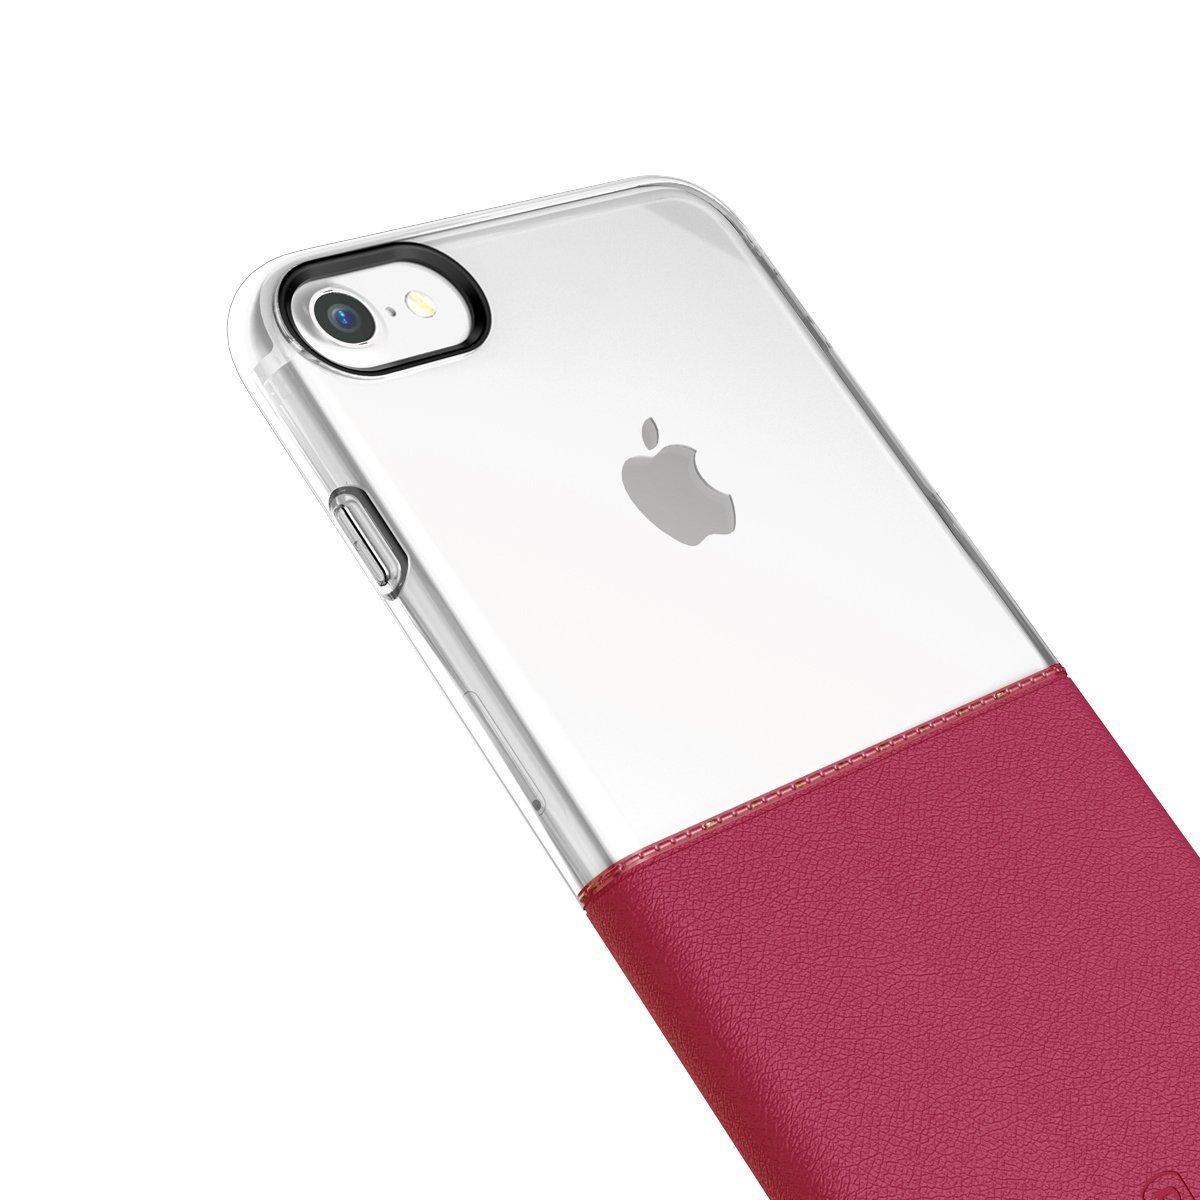 Elegantní kryty DOUBLE pro mobily Apple iPhone - pro iPhone 6s/6 (vínově červený)